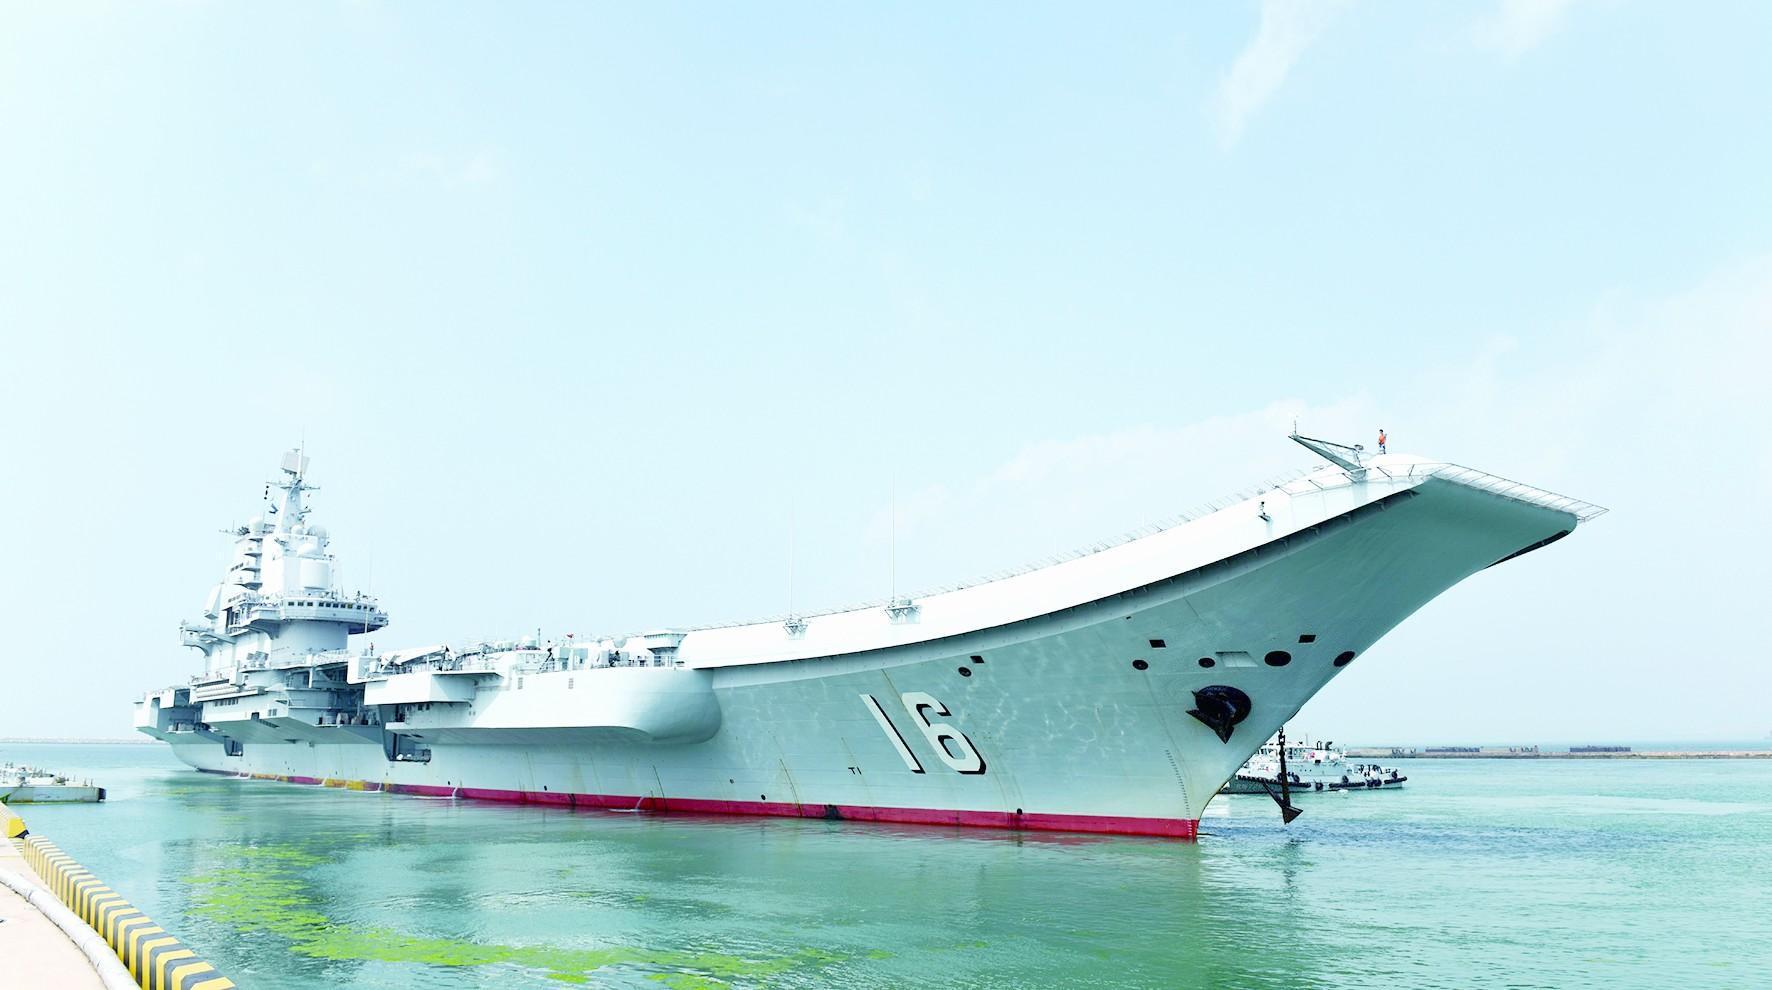 台军放言辽宁舰绕台是挑衅声称要严密监控